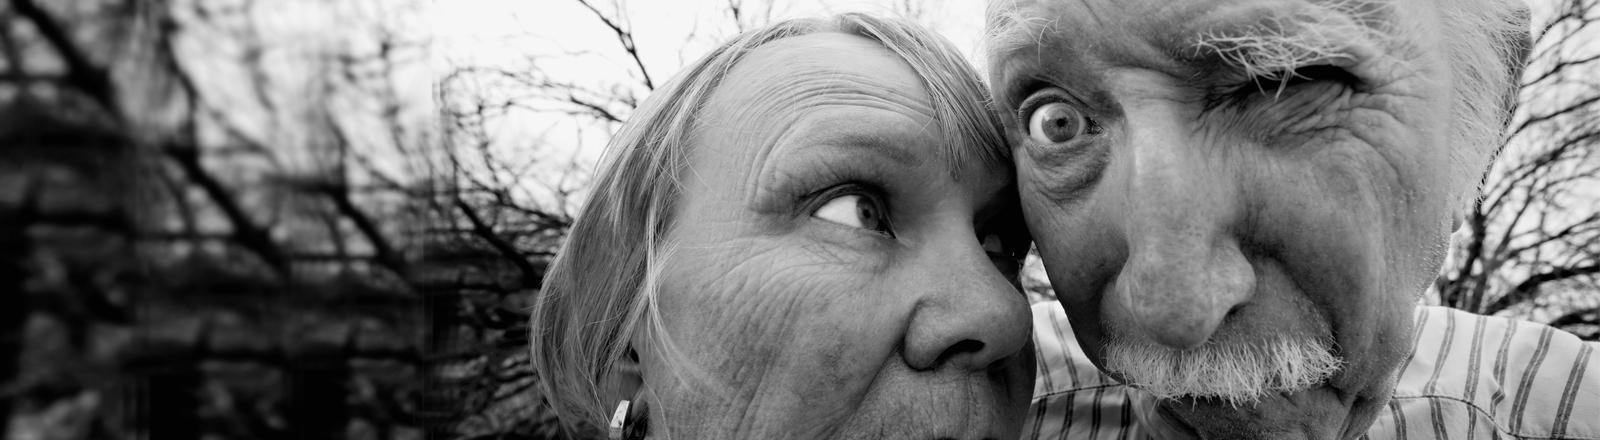 Eine alte Frau und ein alter Mann verzerrt aufgenommen.